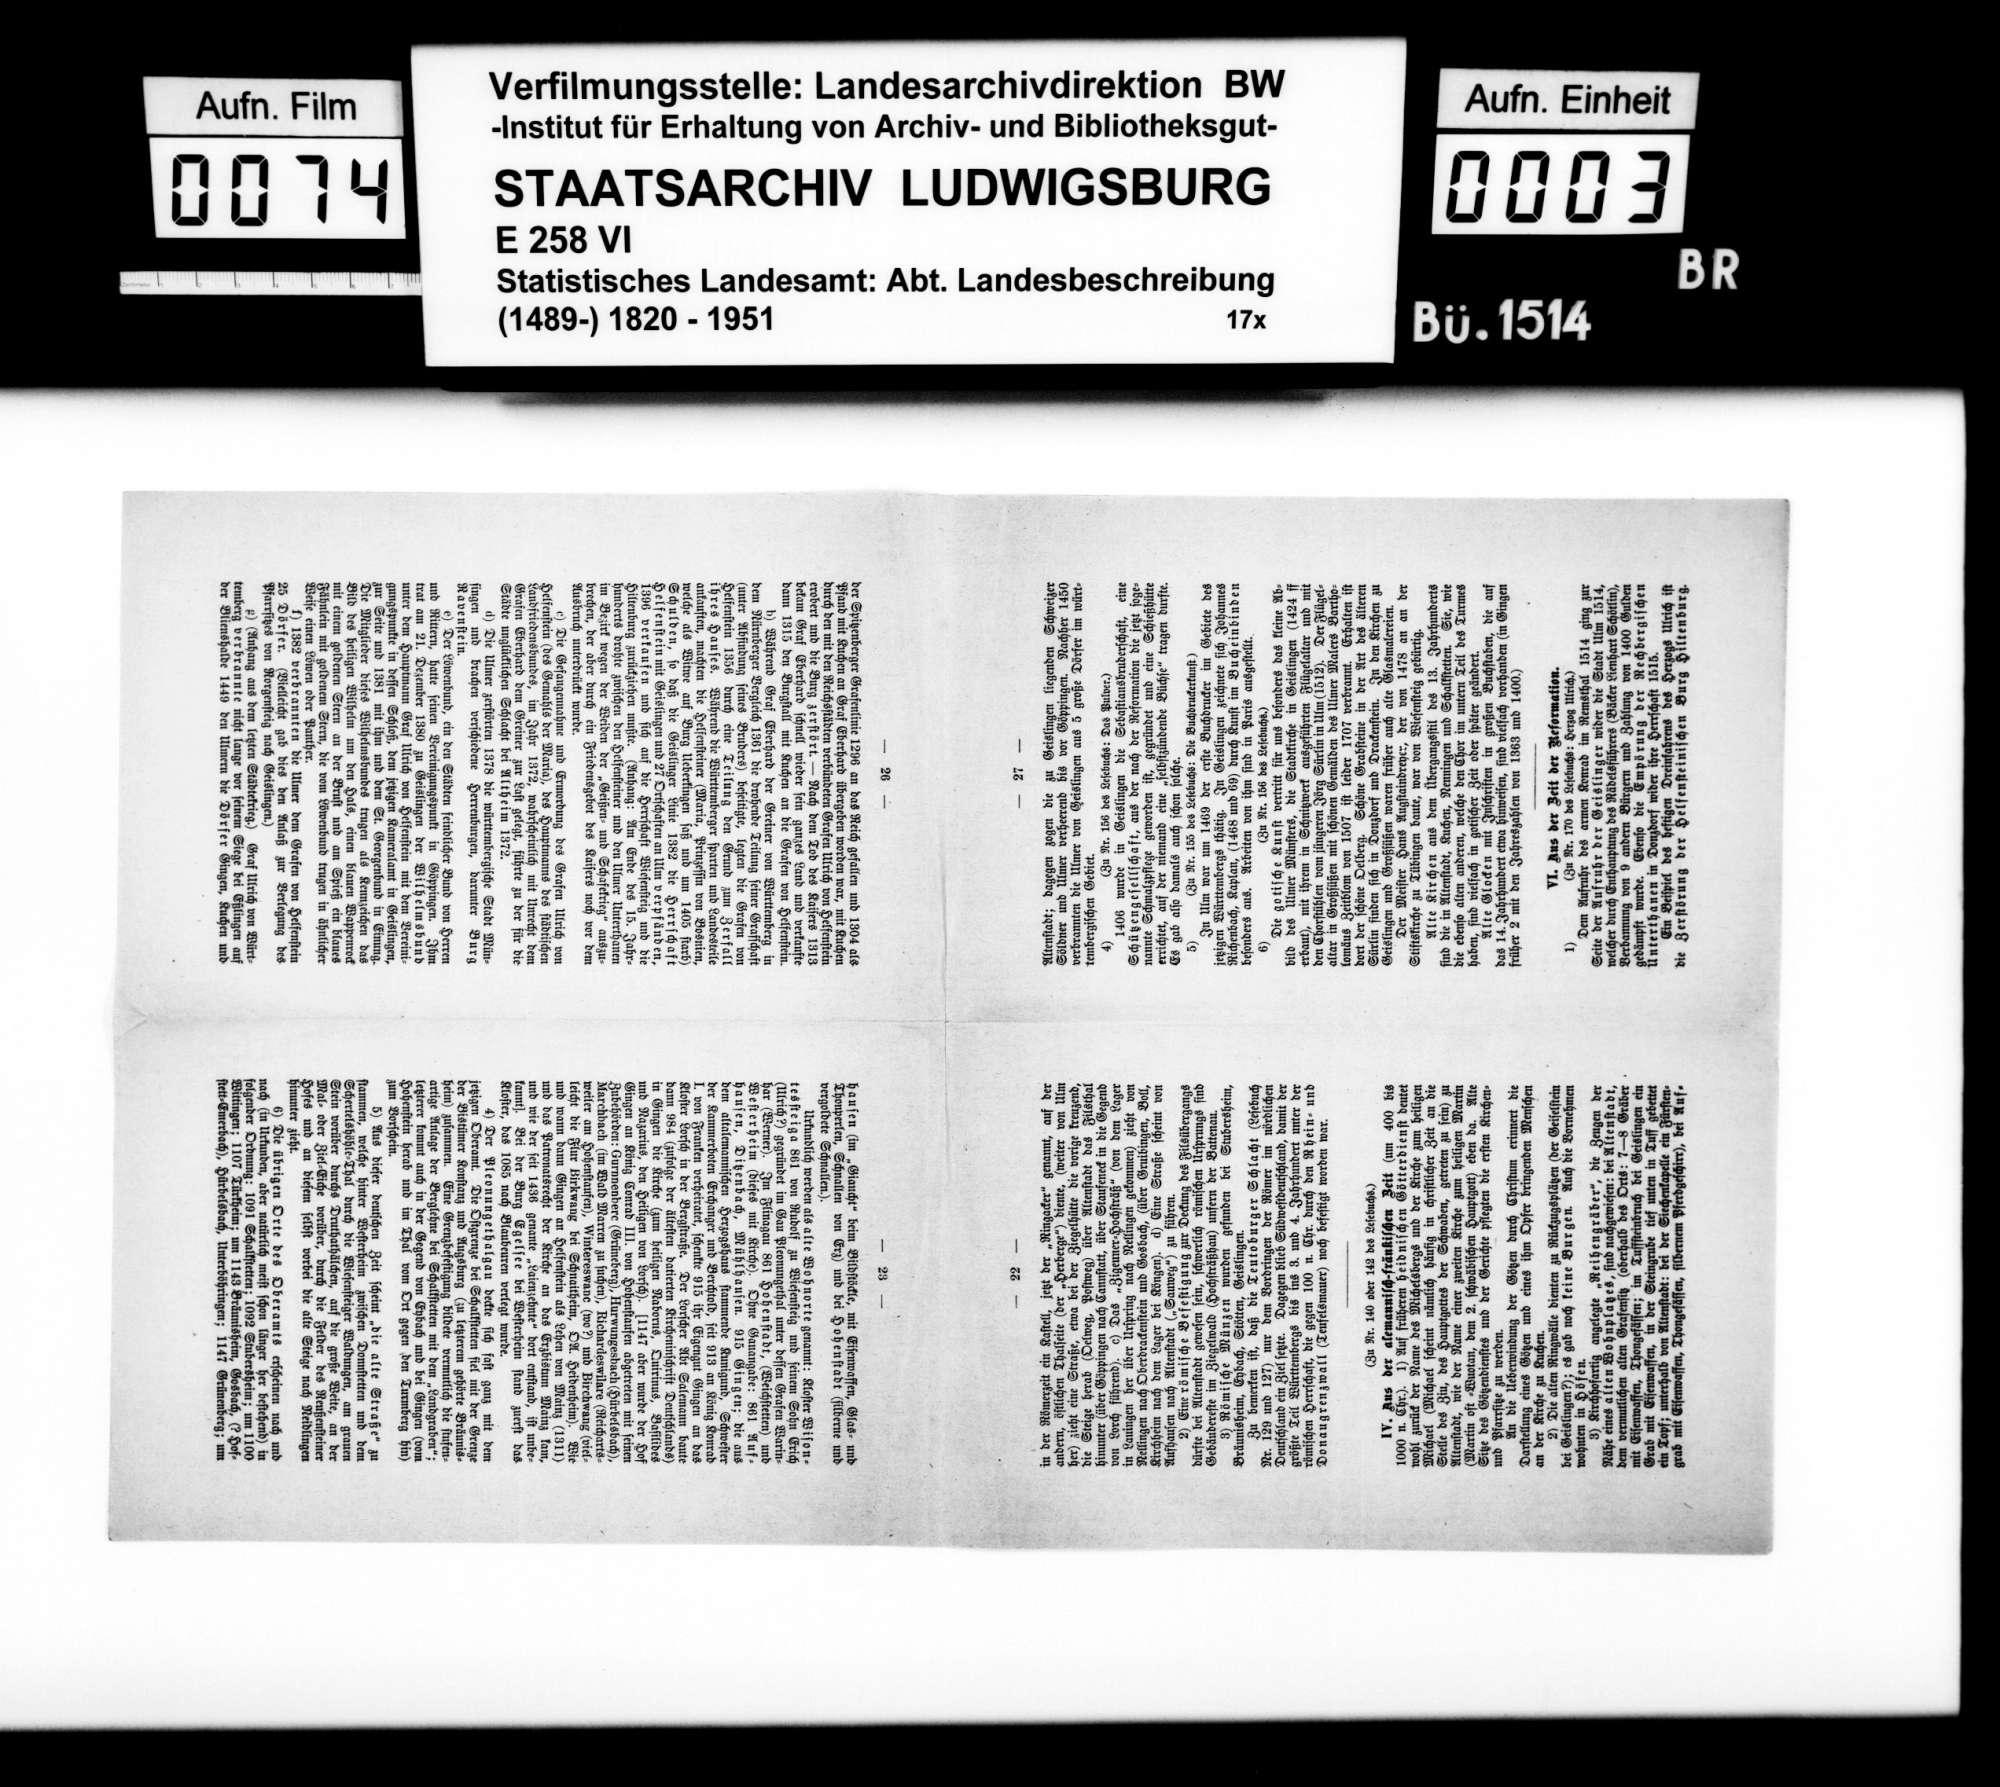 Sammlung gedruckten Materials v.a. zur Geschichte, für eine Neubearbeitung der OAB, Bild 2